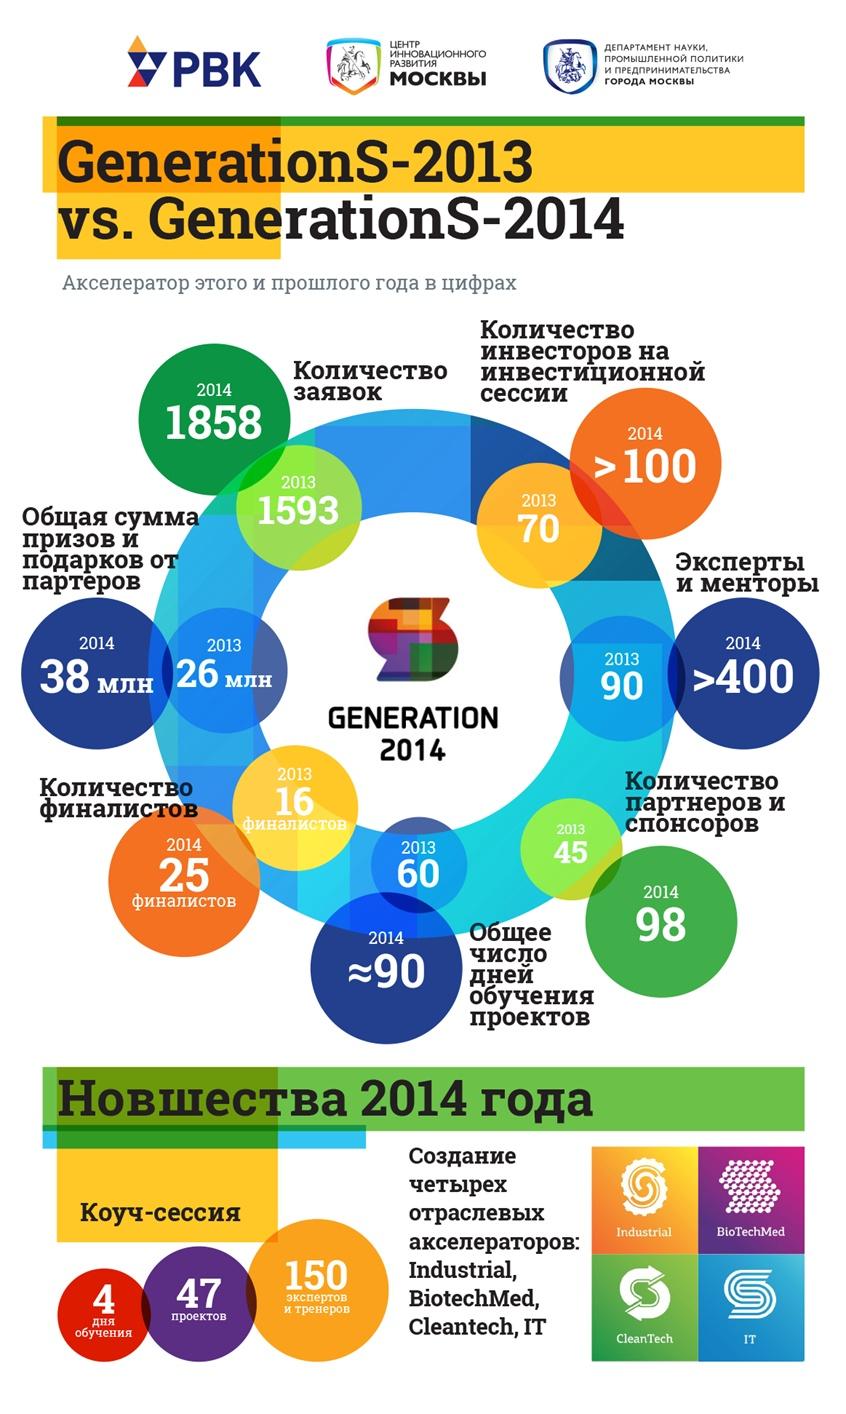 Generation S-2014: подведены предварительные итоги акселератора